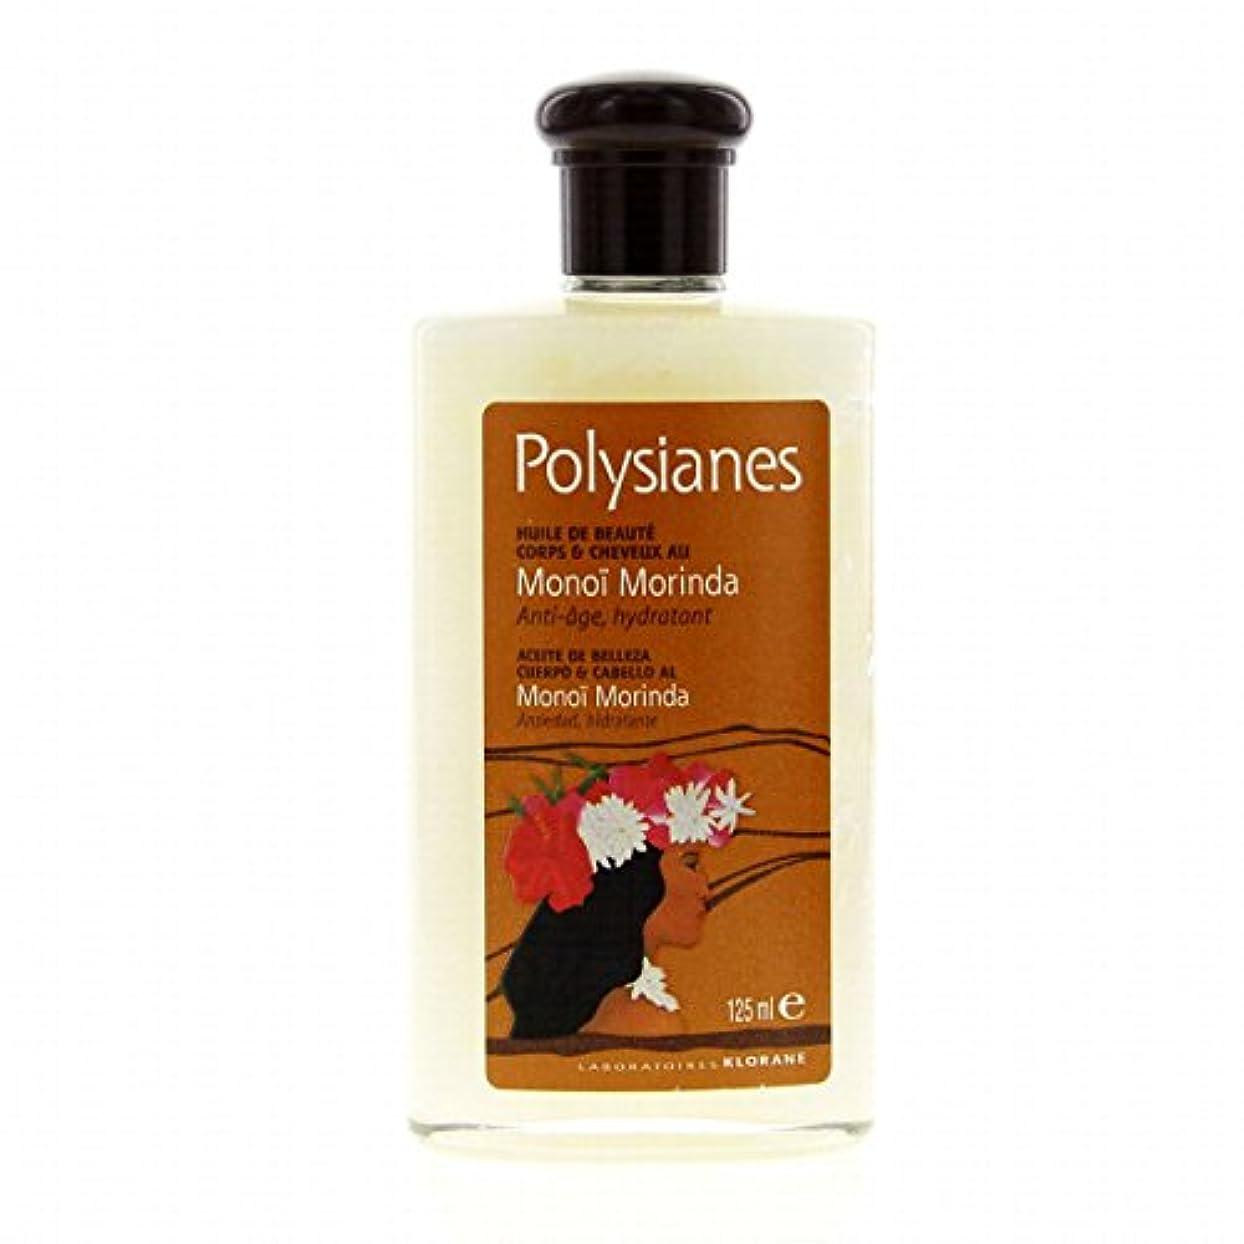 しなやかソケットすきPolysianes Beauty Oil With Morinda Mono Body And Hair 125ml [並行輸入品]